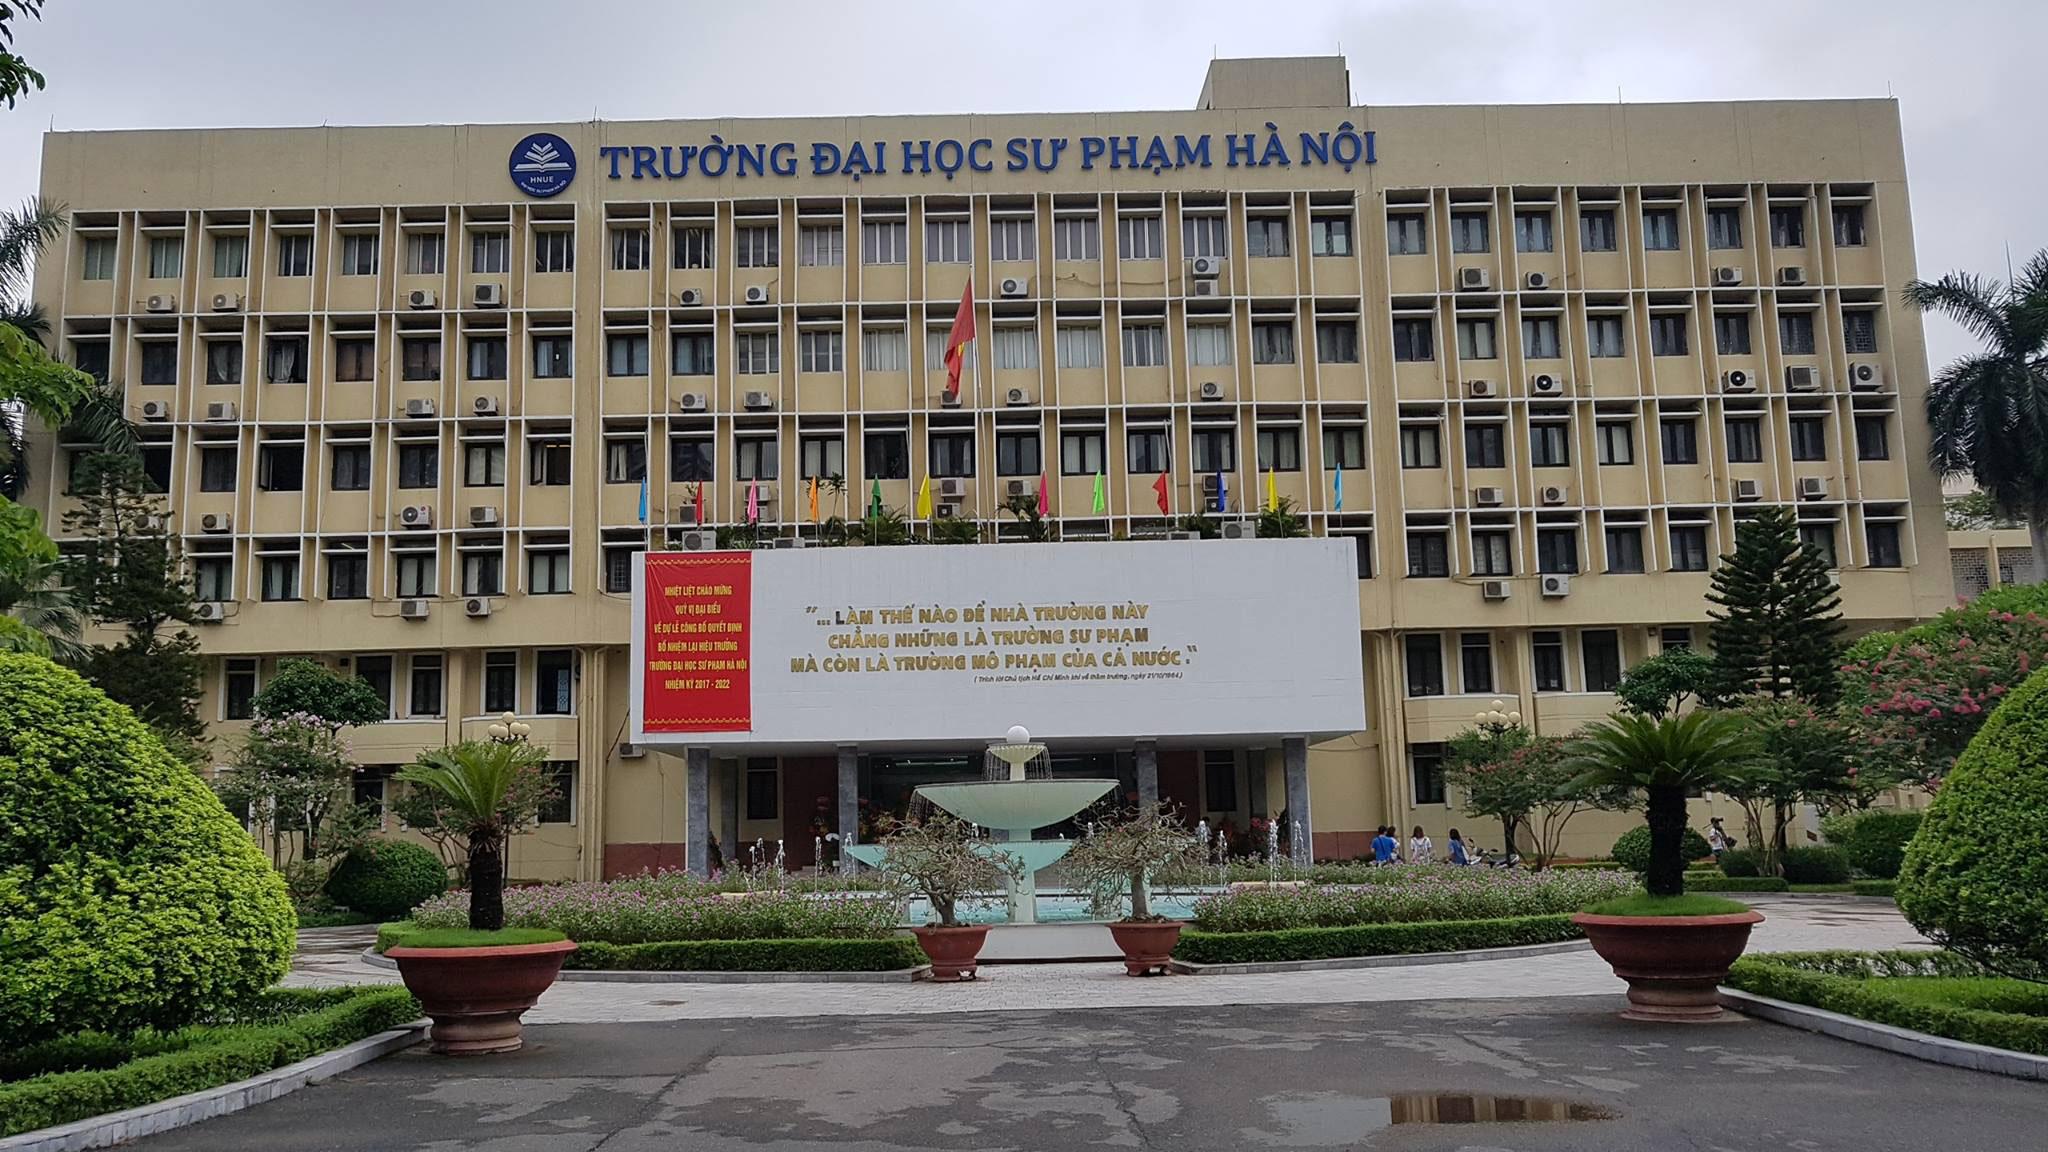 Khuôn viên trường ĐH Sư phạm Hà Nội.